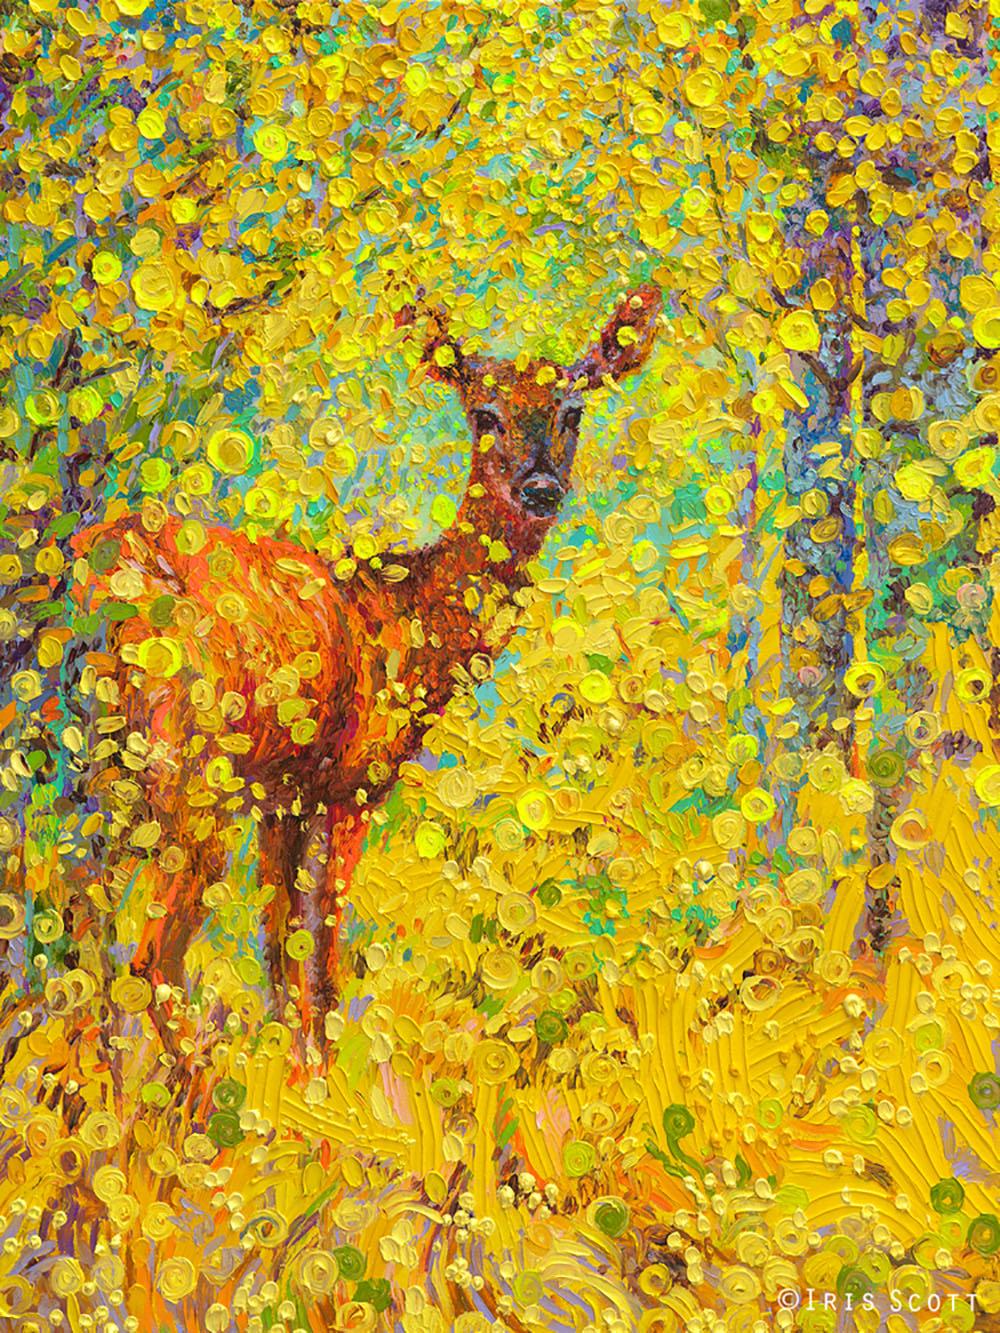 Oil Finger Paintings by Iris Scott 5